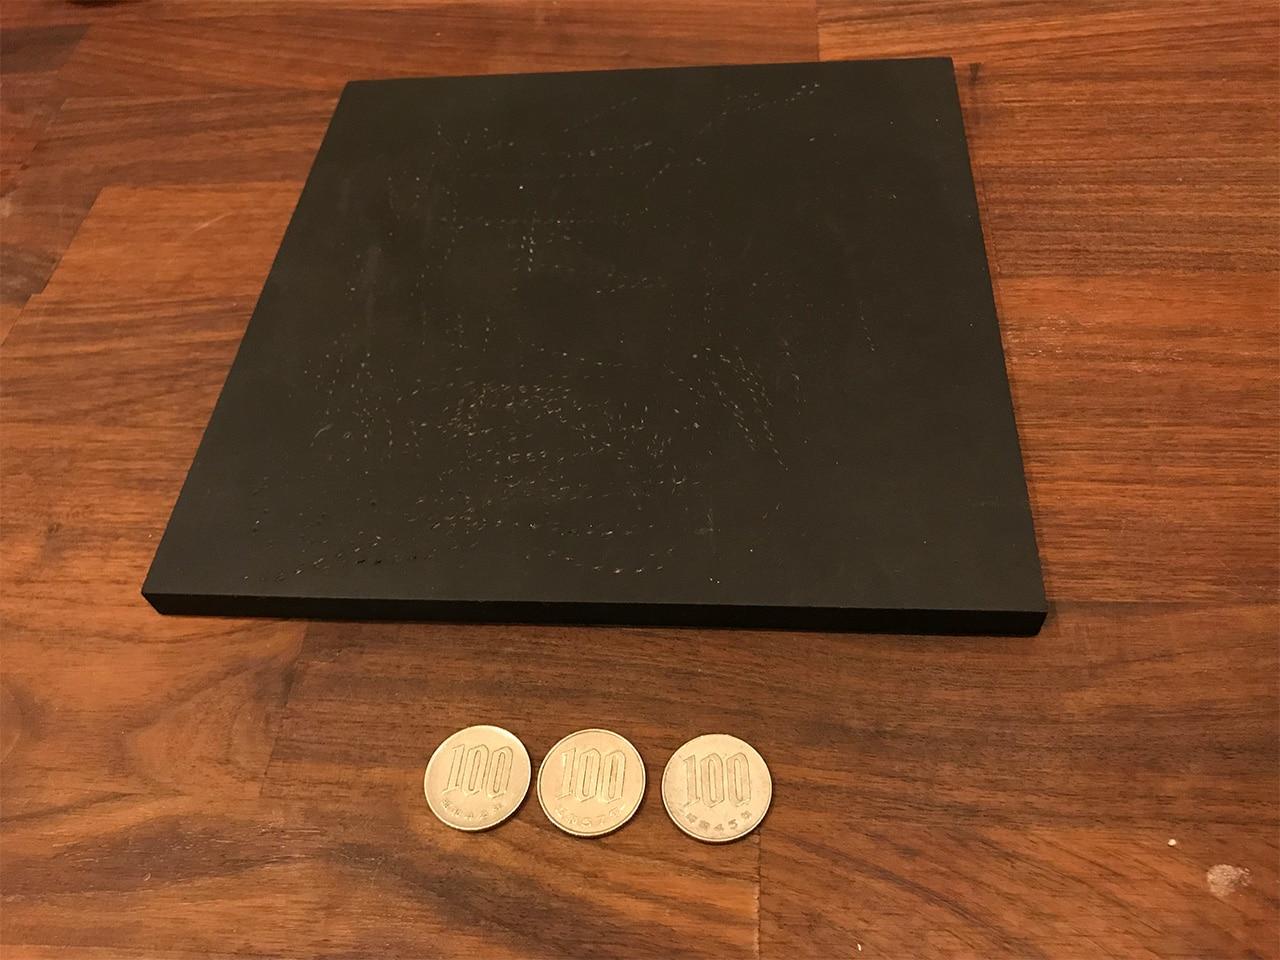 レザークラフトで使うゴム板を300円で手に入れる!